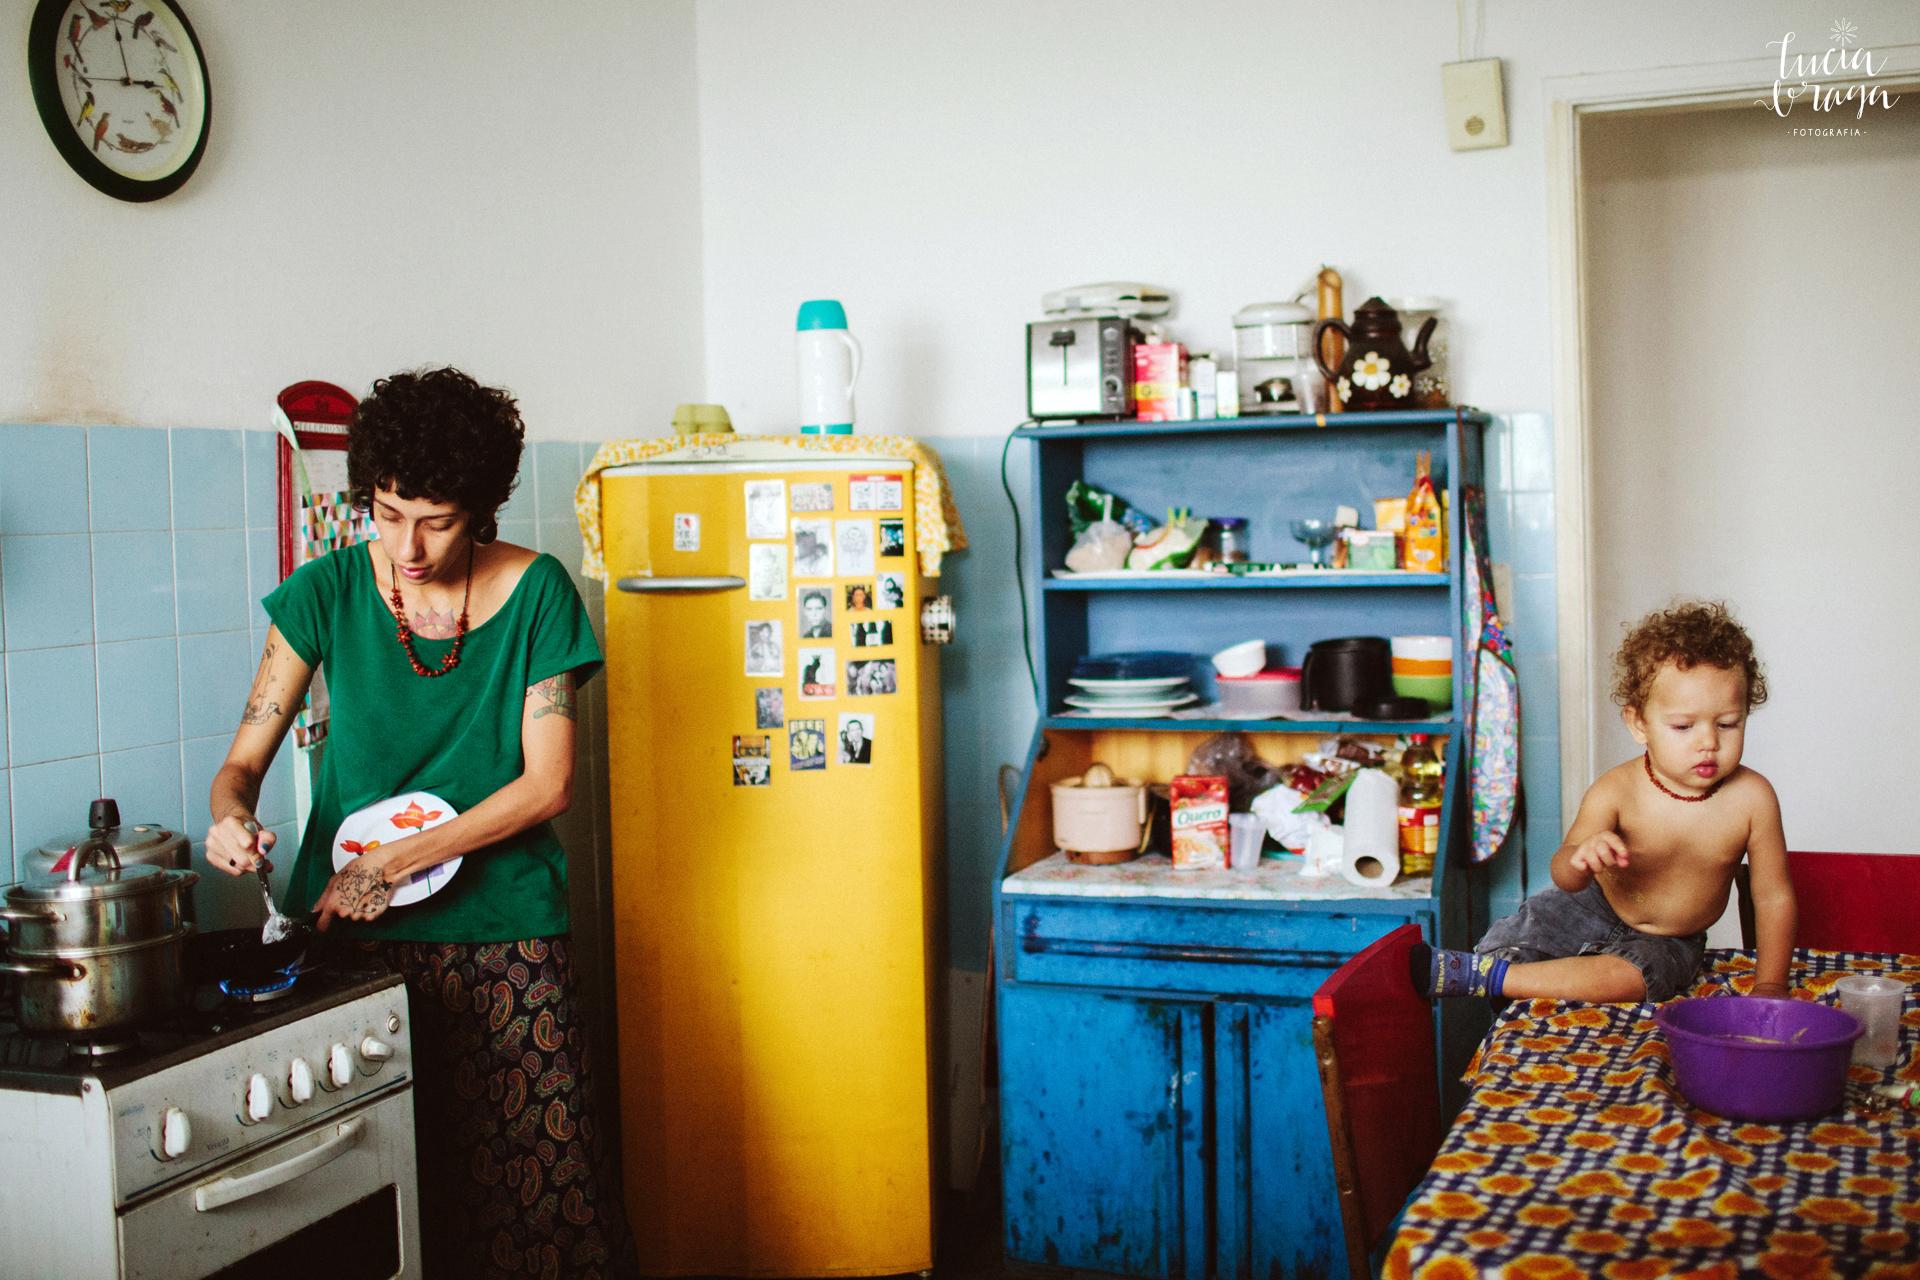 fotografia documental de familia, fotografo são paulo, fotografo minas gerais, fotografia de família, mãe e filho, real life, dia-a-dia